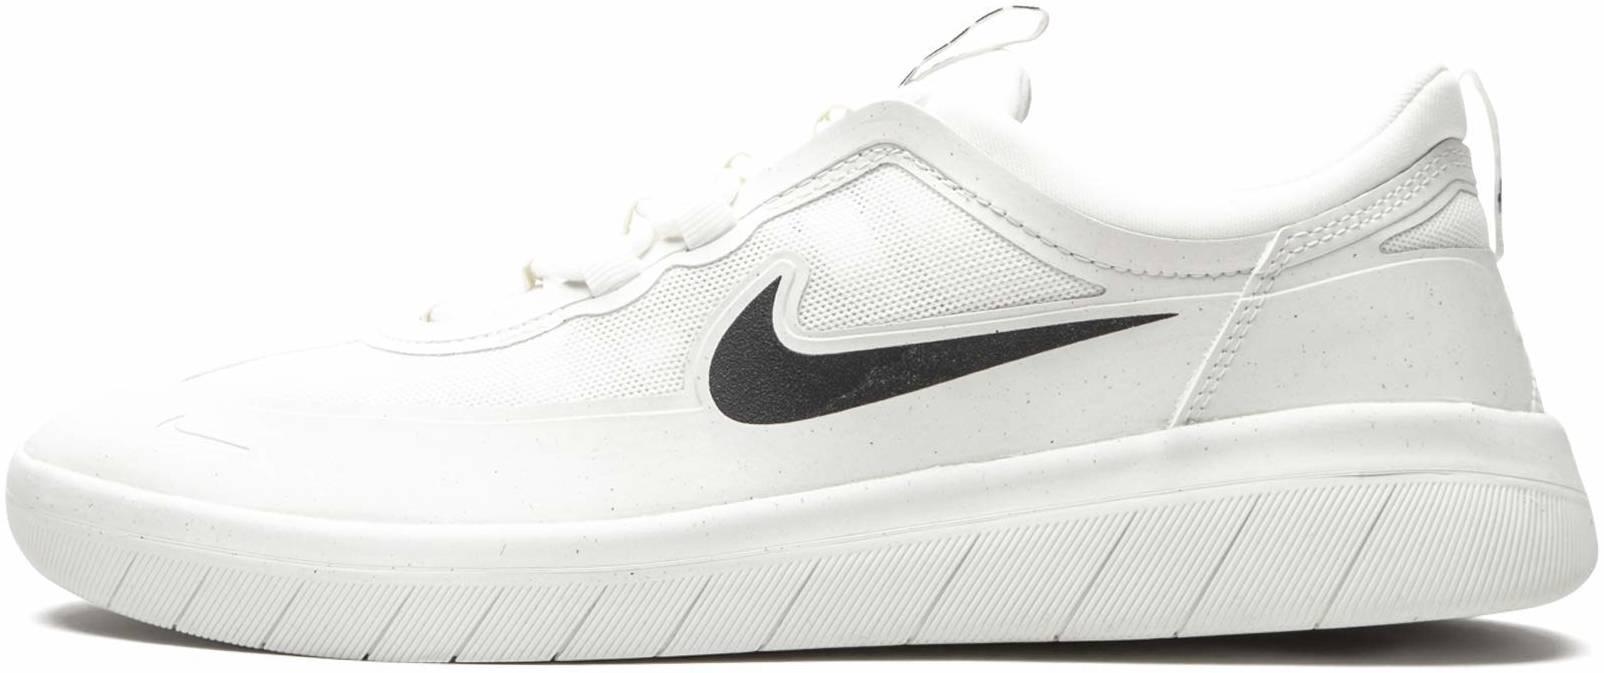 Nike SB Nyjah Free 2 sneakers in 3 colors   RunRepeat